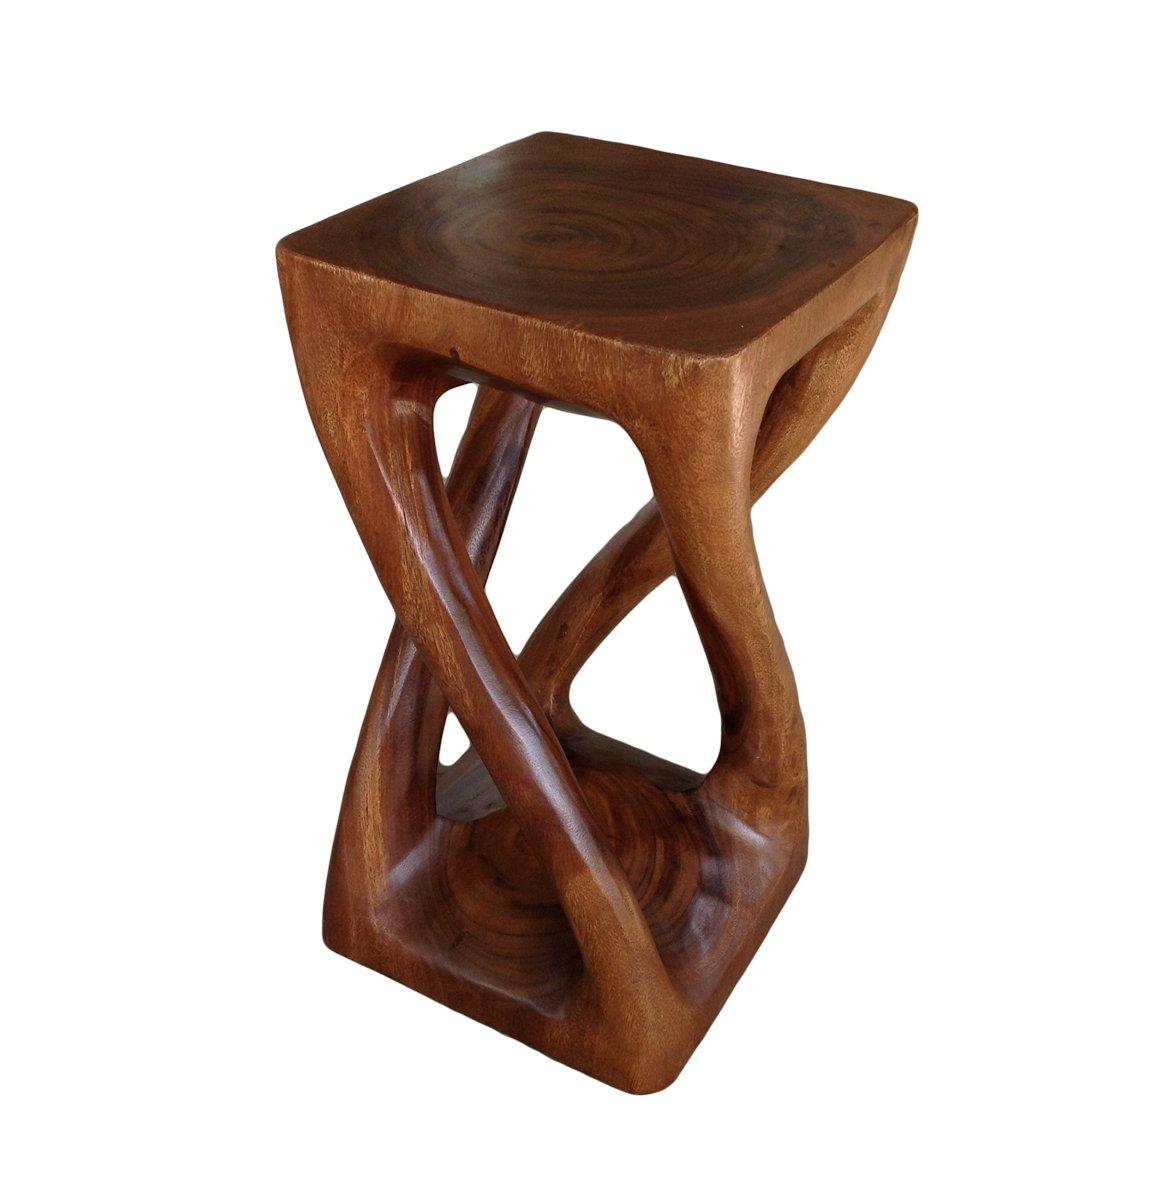 asiatique Oriental Vigne Twist 50 -8 cm Wood Tabouret ~ carré Top Table d'appoint ~ Table d'appoint par Collumino